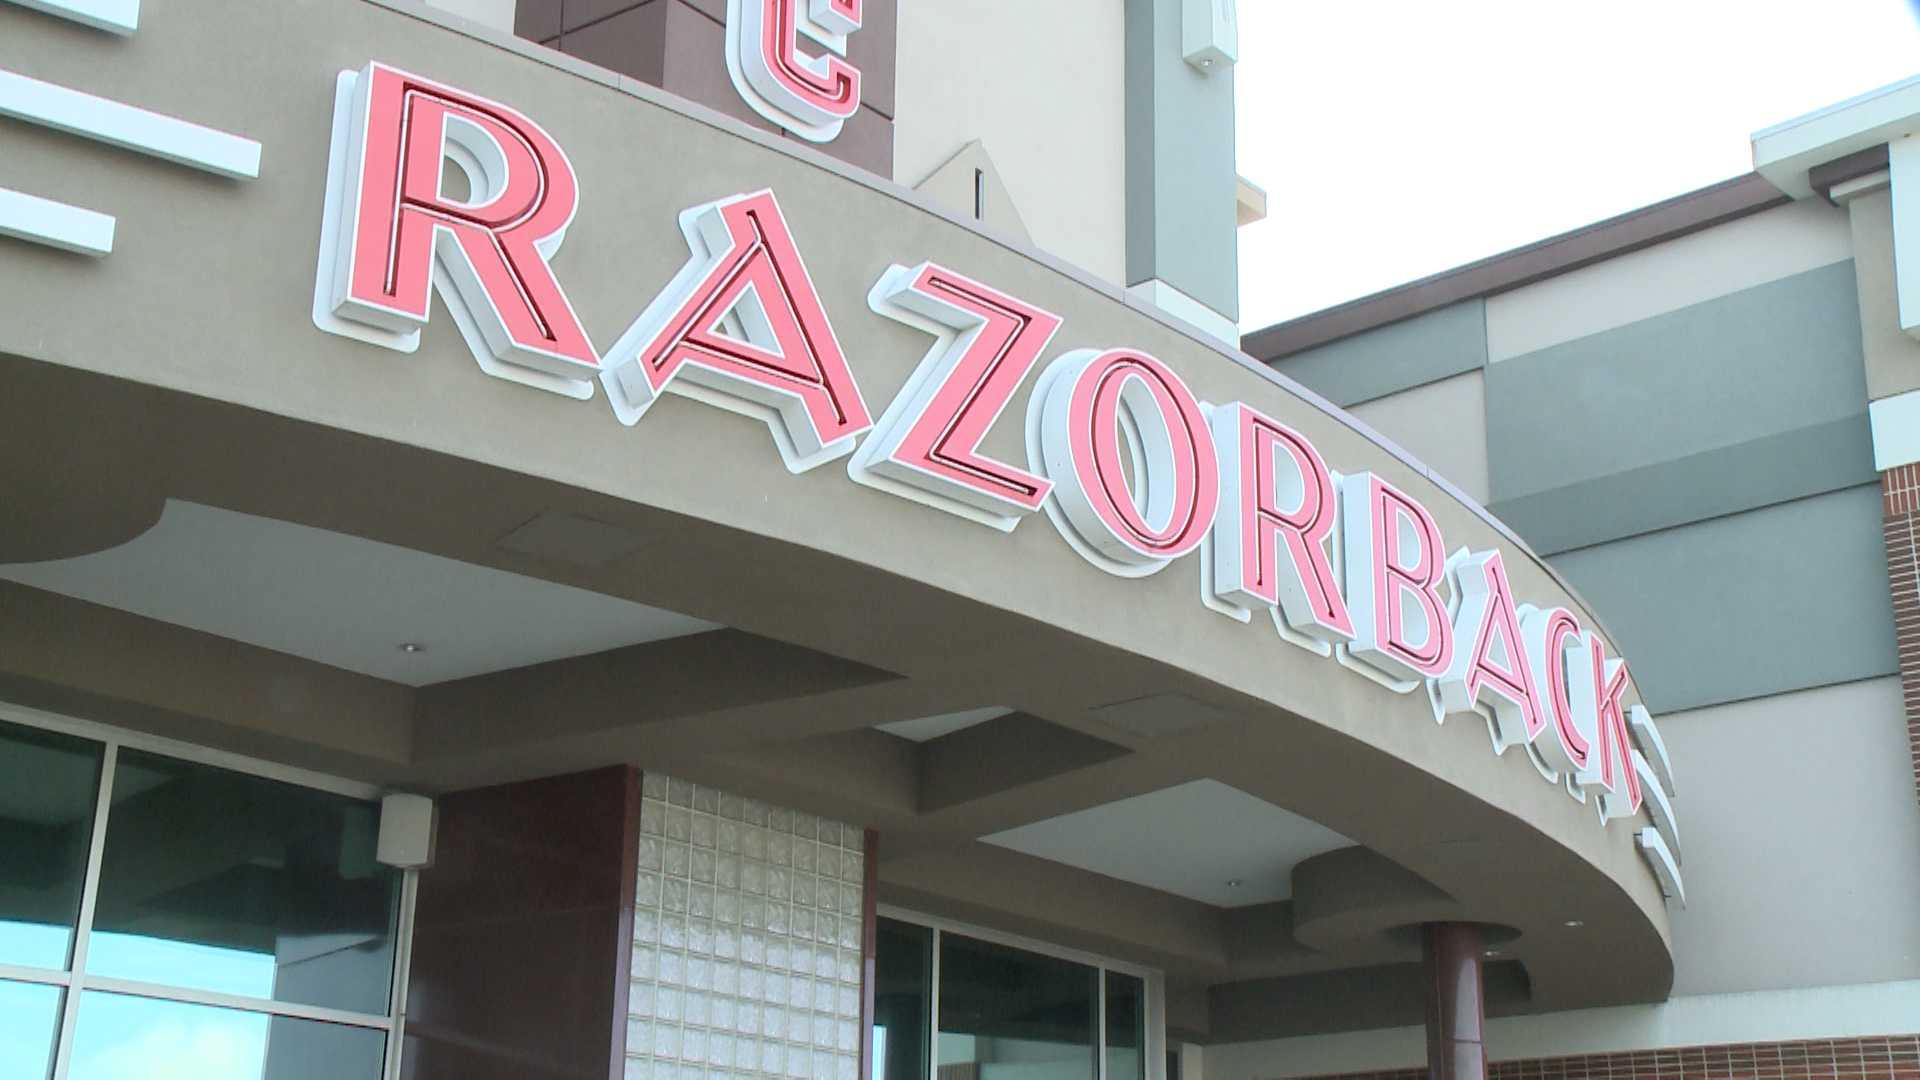 Malco Razorback theater theatre Fayetteville